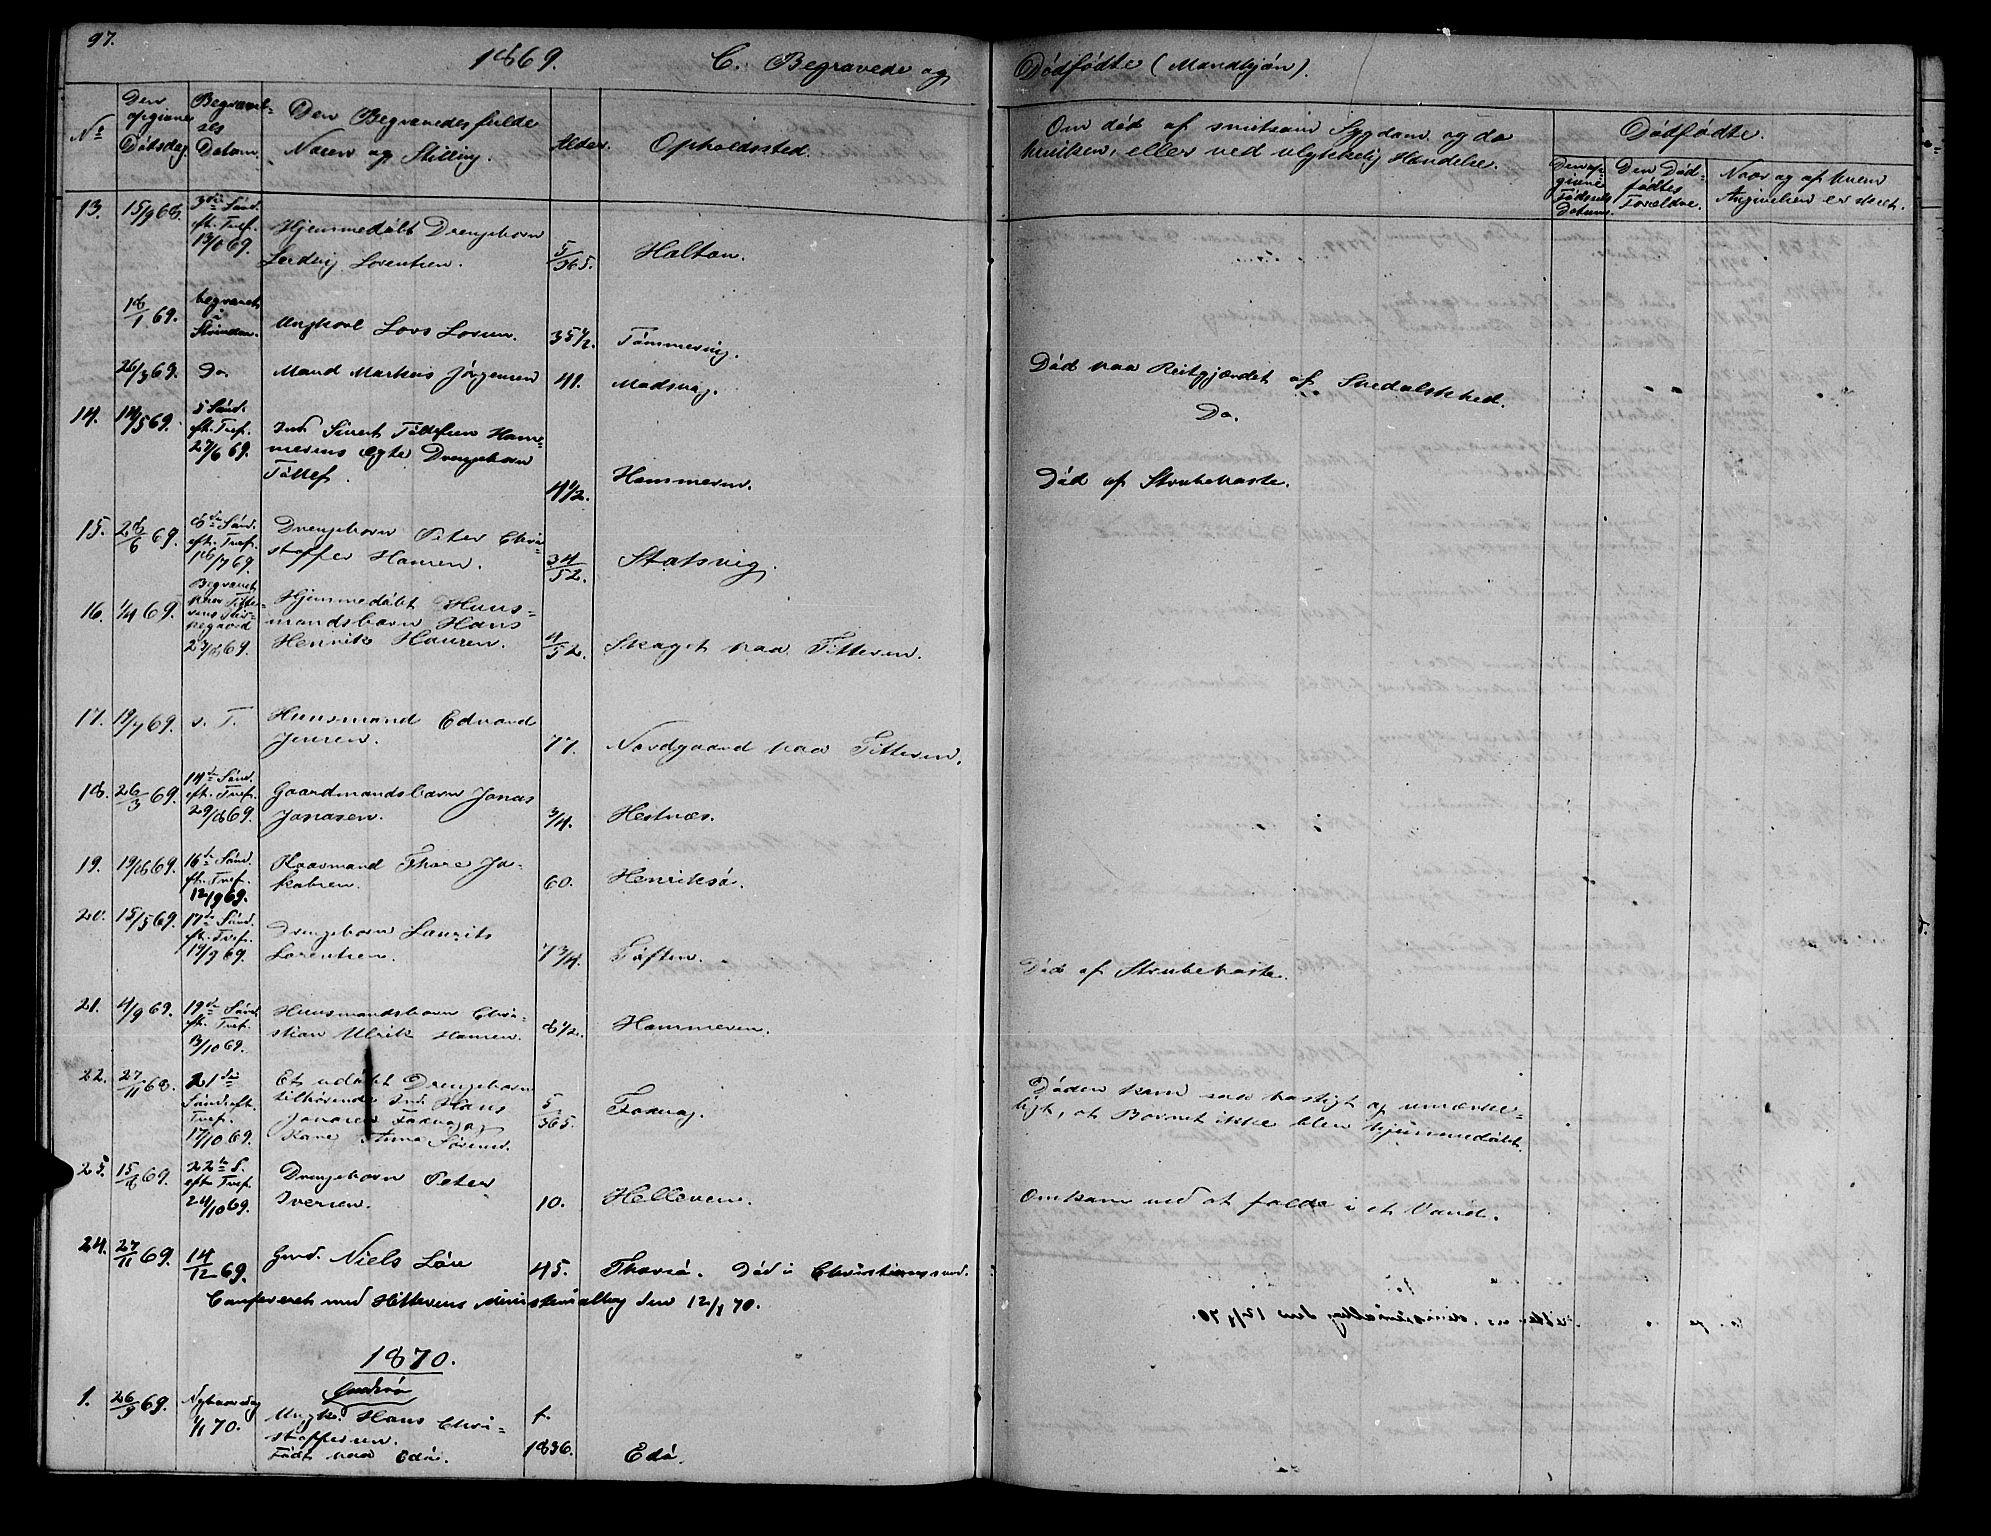 SAT, Ministerialprotokoller, klokkerbøker og fødselsregistre - Sør-Trøndelag, 634/L0539: Klokkerbok nr. 634C01, 1866-1873, s. 97